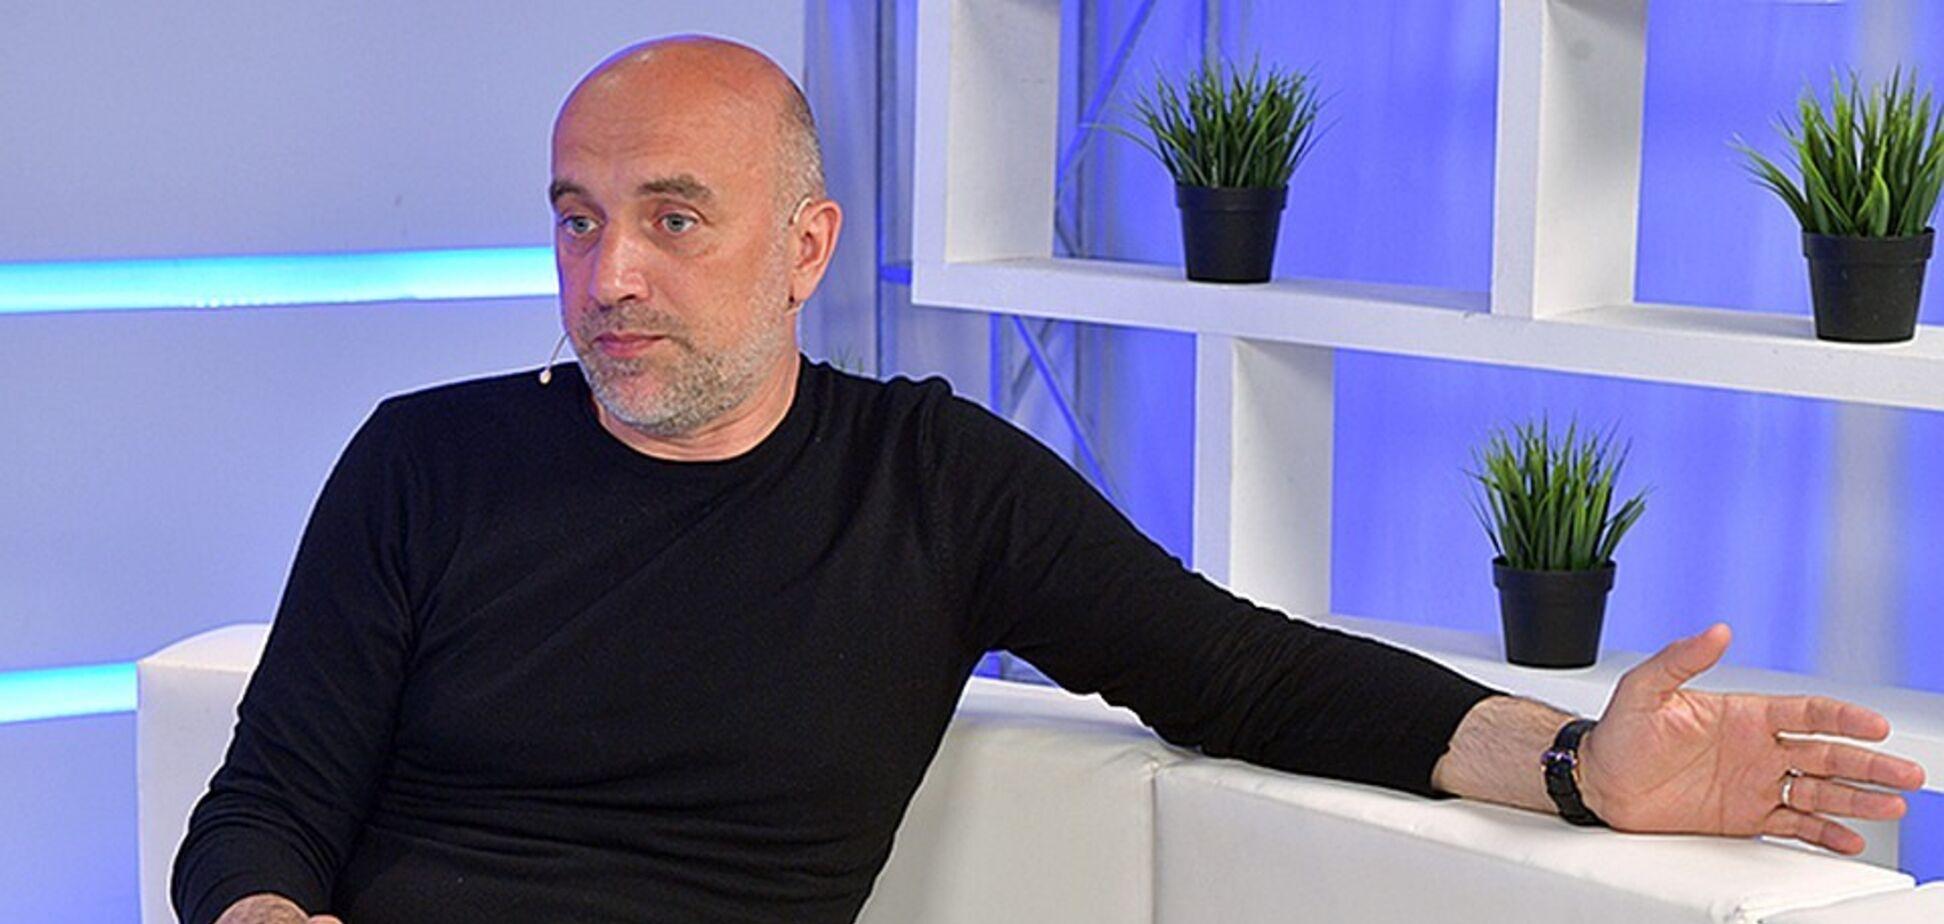 'За месяц больше, чем за год!' Писатель-террорист Прилепин пожаловался на 'мор' в 'ДНР'